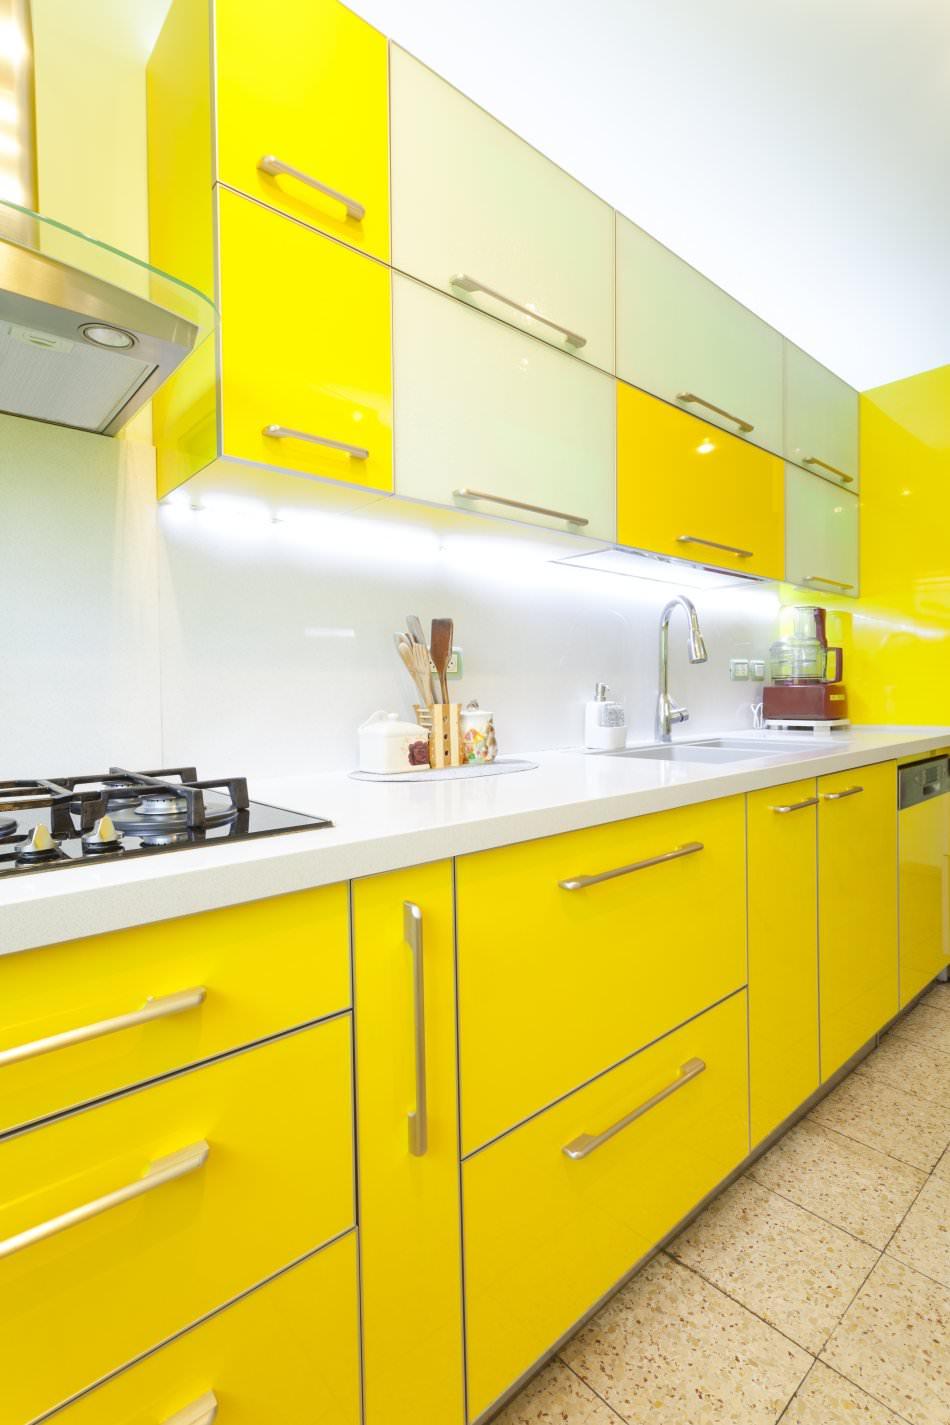 RAL 1026 Luminous Yellow High Gloss Kitchen Cabinets